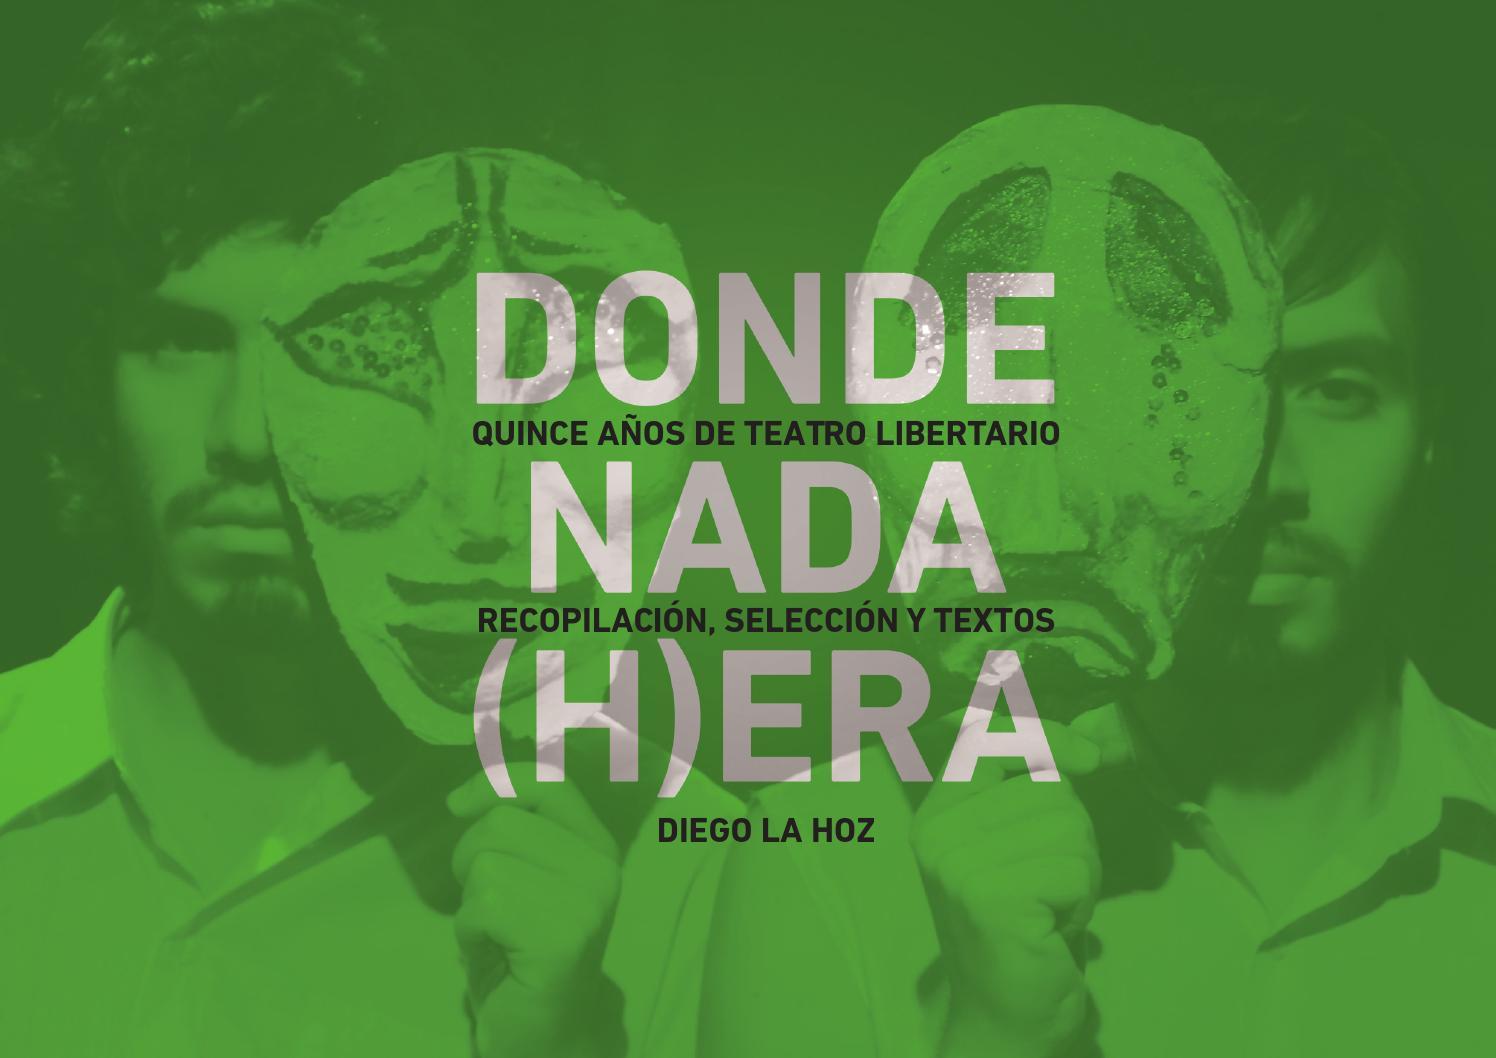 Donde Nada (H)era - Quince Años De Teatro Libertario - Diego La Hoz by  EspacioLibre teatro - issuu d08e5d9389c3